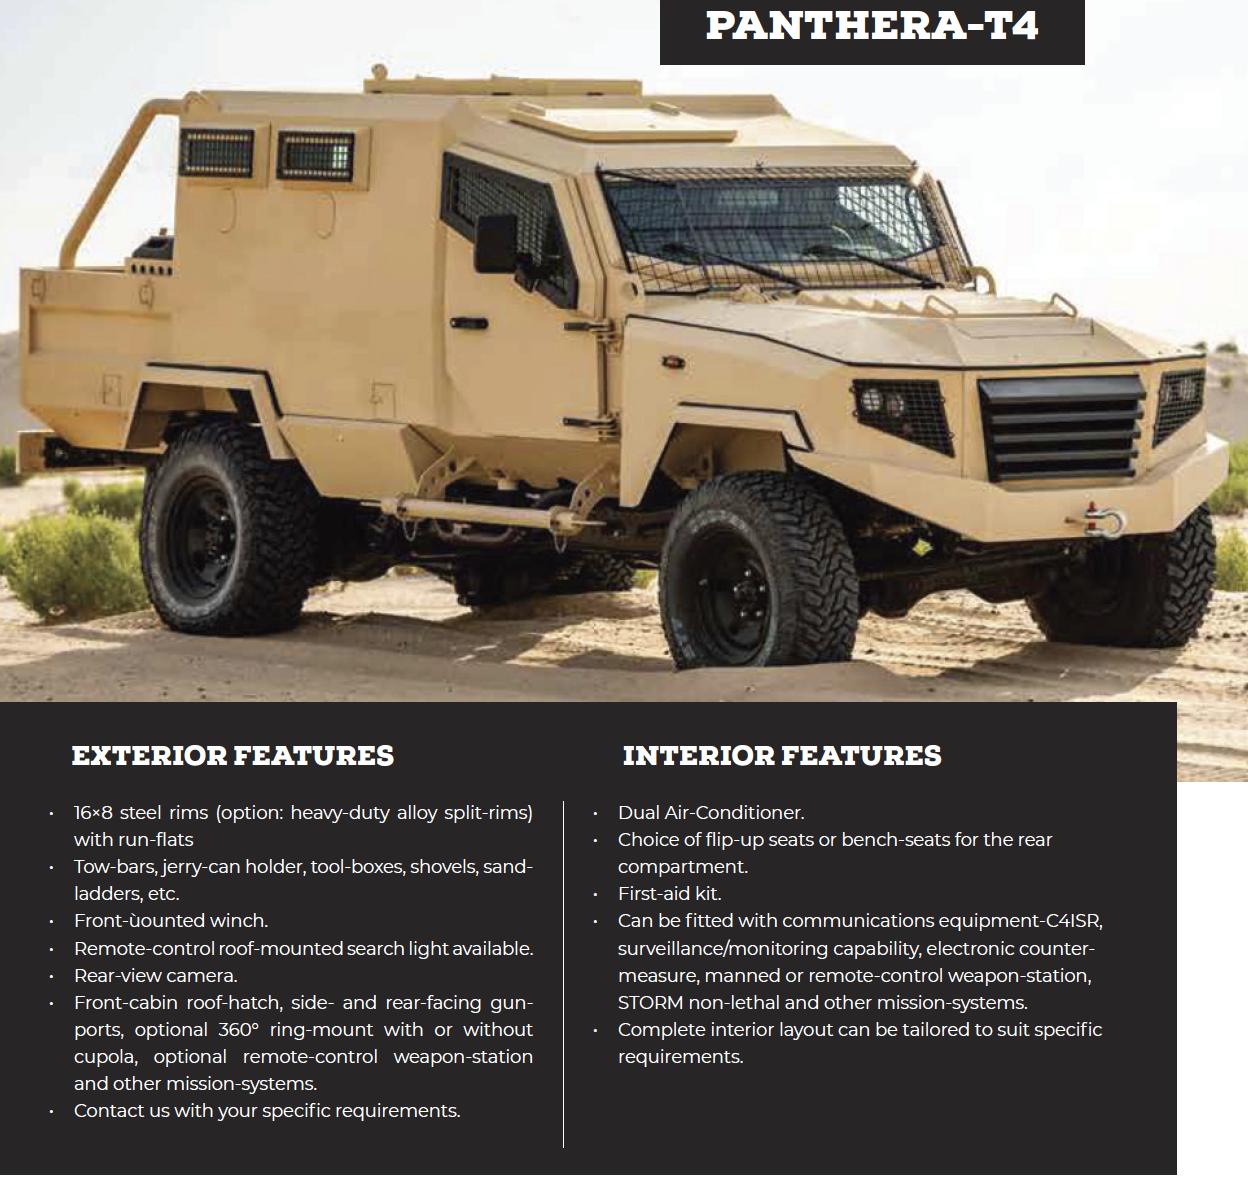 Panthera-T4